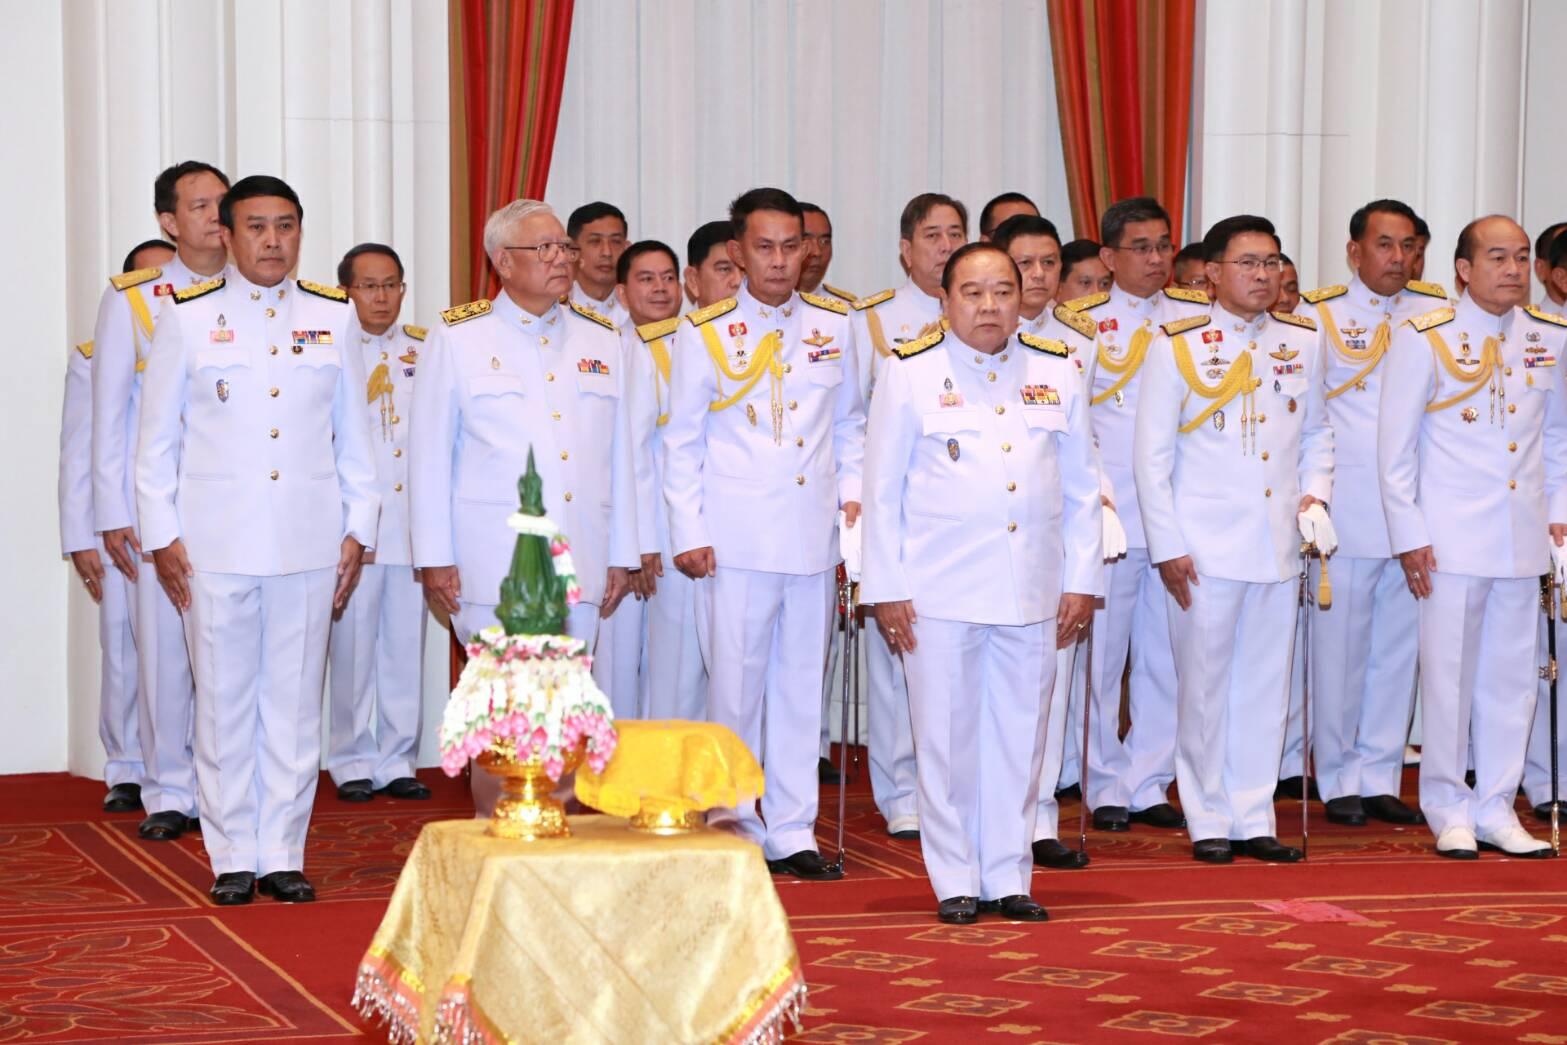 พิธีถวายสัตย์ปฏิญาณของตุลาการศาลทหารกรุงเทพ ประจำปี 2559